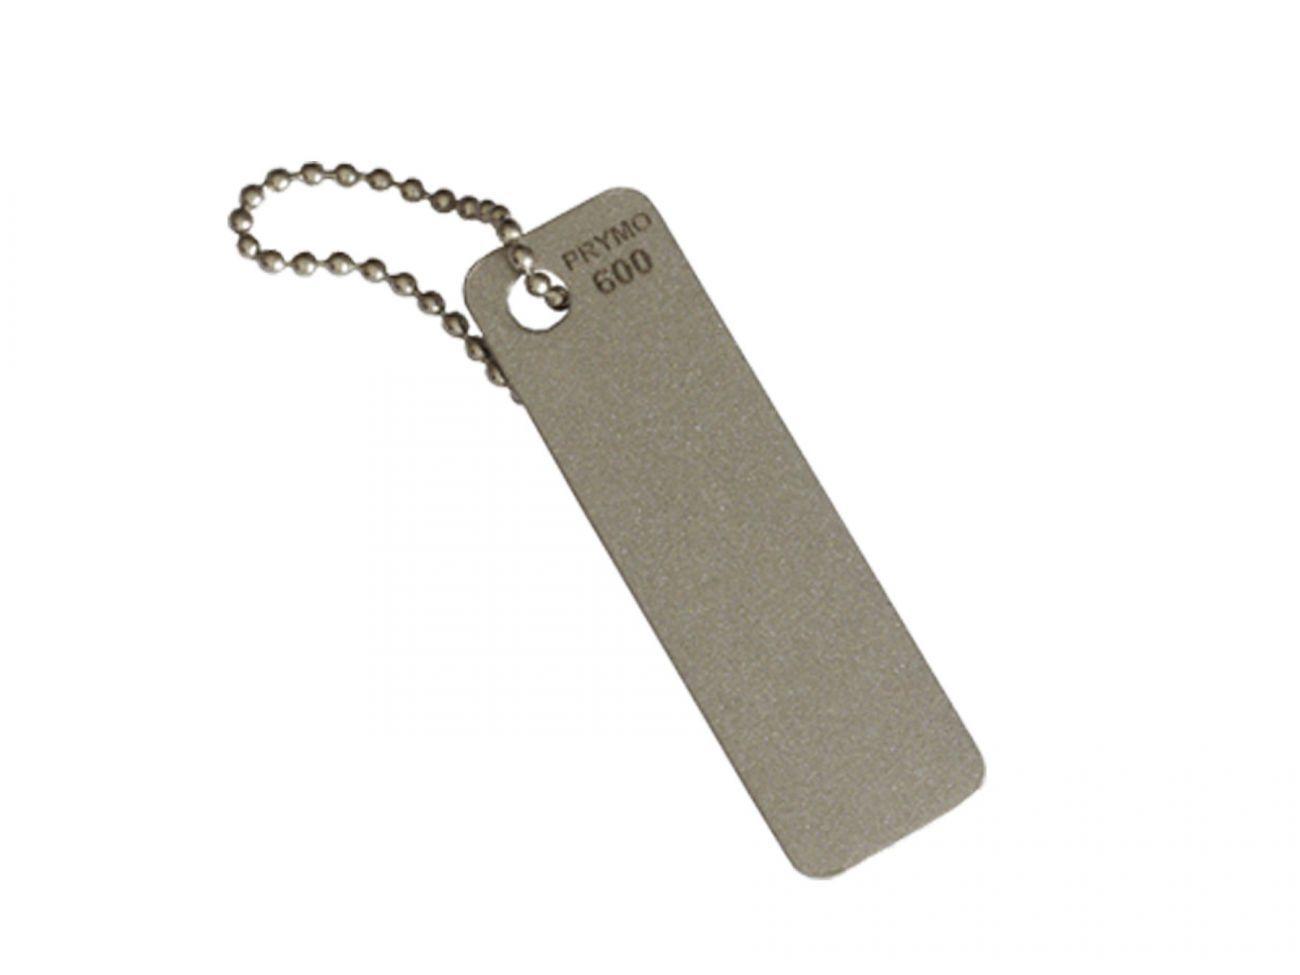 Forge de Laguiole Taschenmesser 11 11 11 cm blau Rosa grün gelb beige schwarz d3ffed